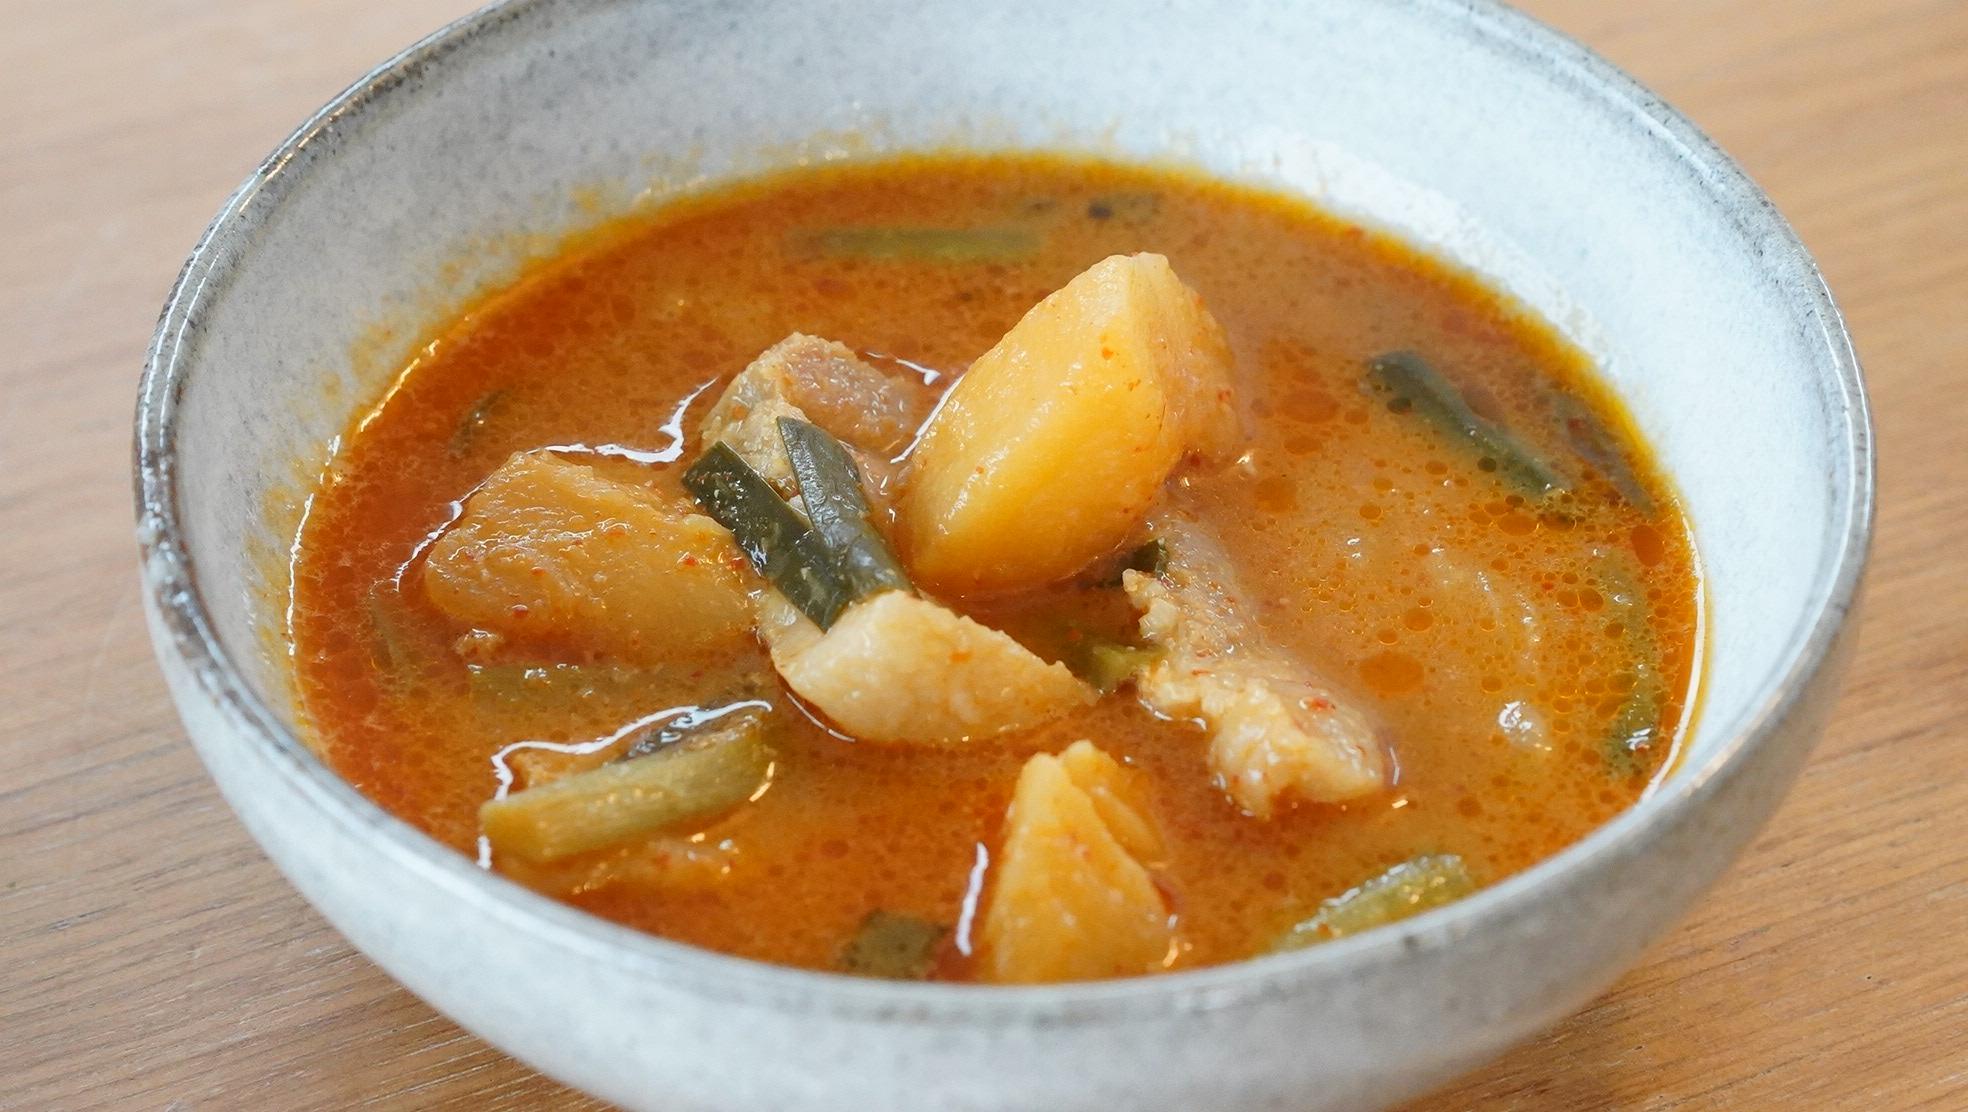 無印良品のおすすめ冷凍食品「カムジャタン(韓国風豚肉とじゃがいもの煮込み)」の写真